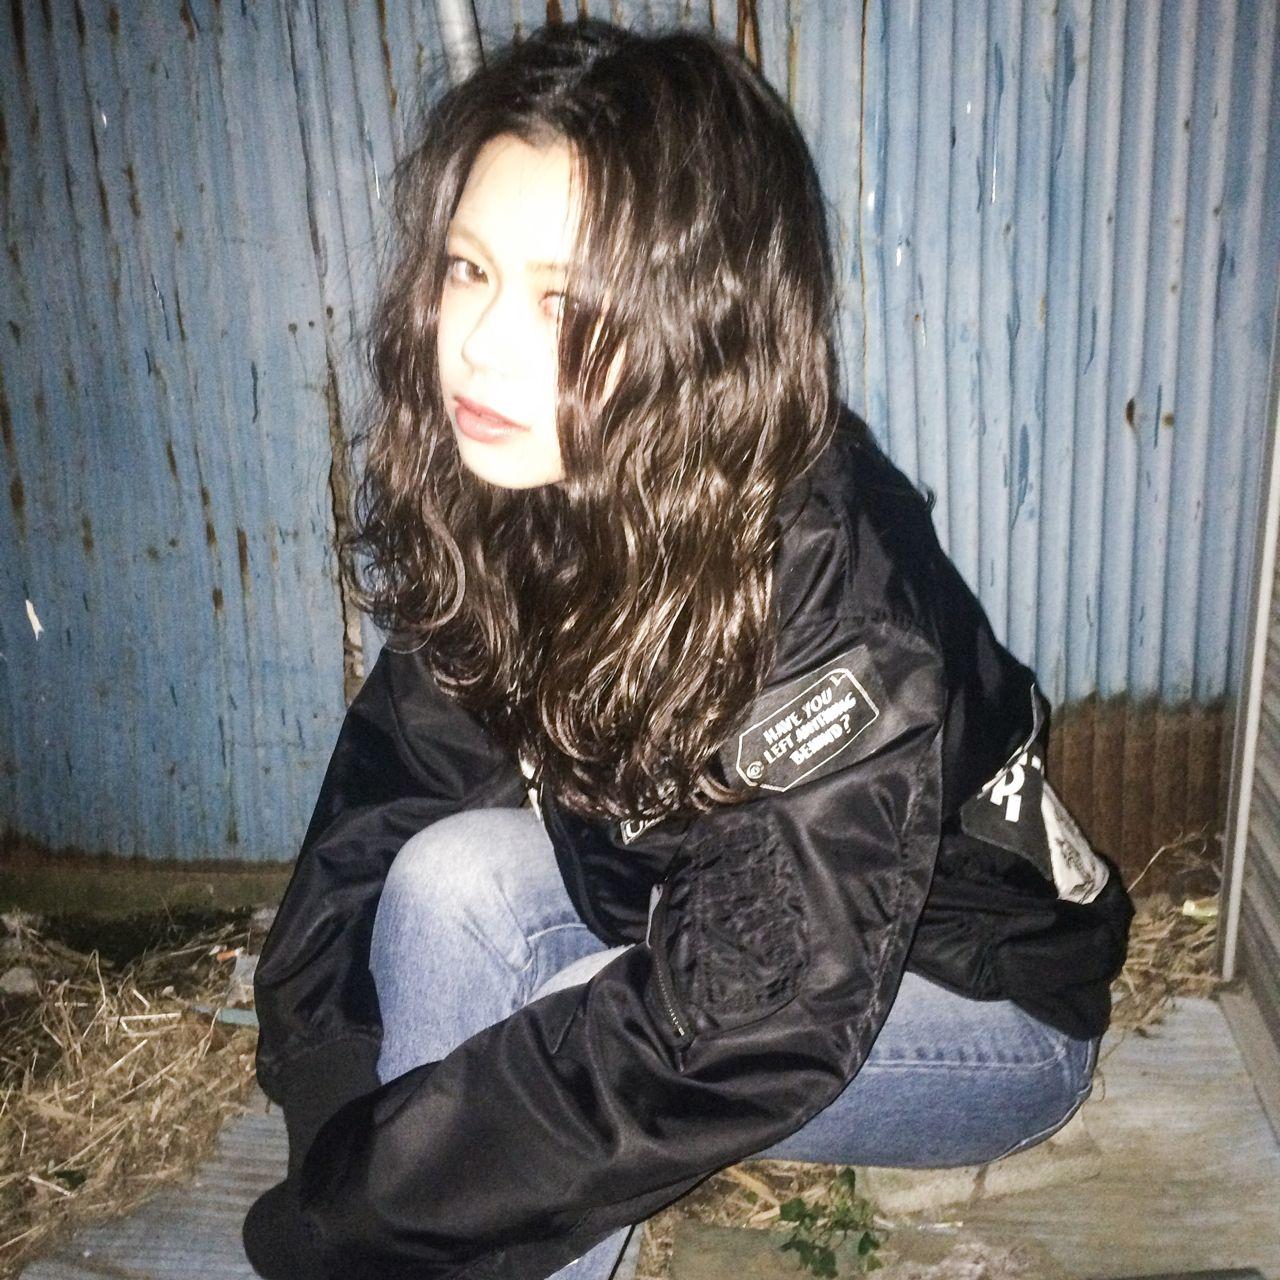 ミディアム ストリート 暗髪 ウェットヘア ヘアスタイルや髪型の写真・画像 | Ryusei Maeda / free